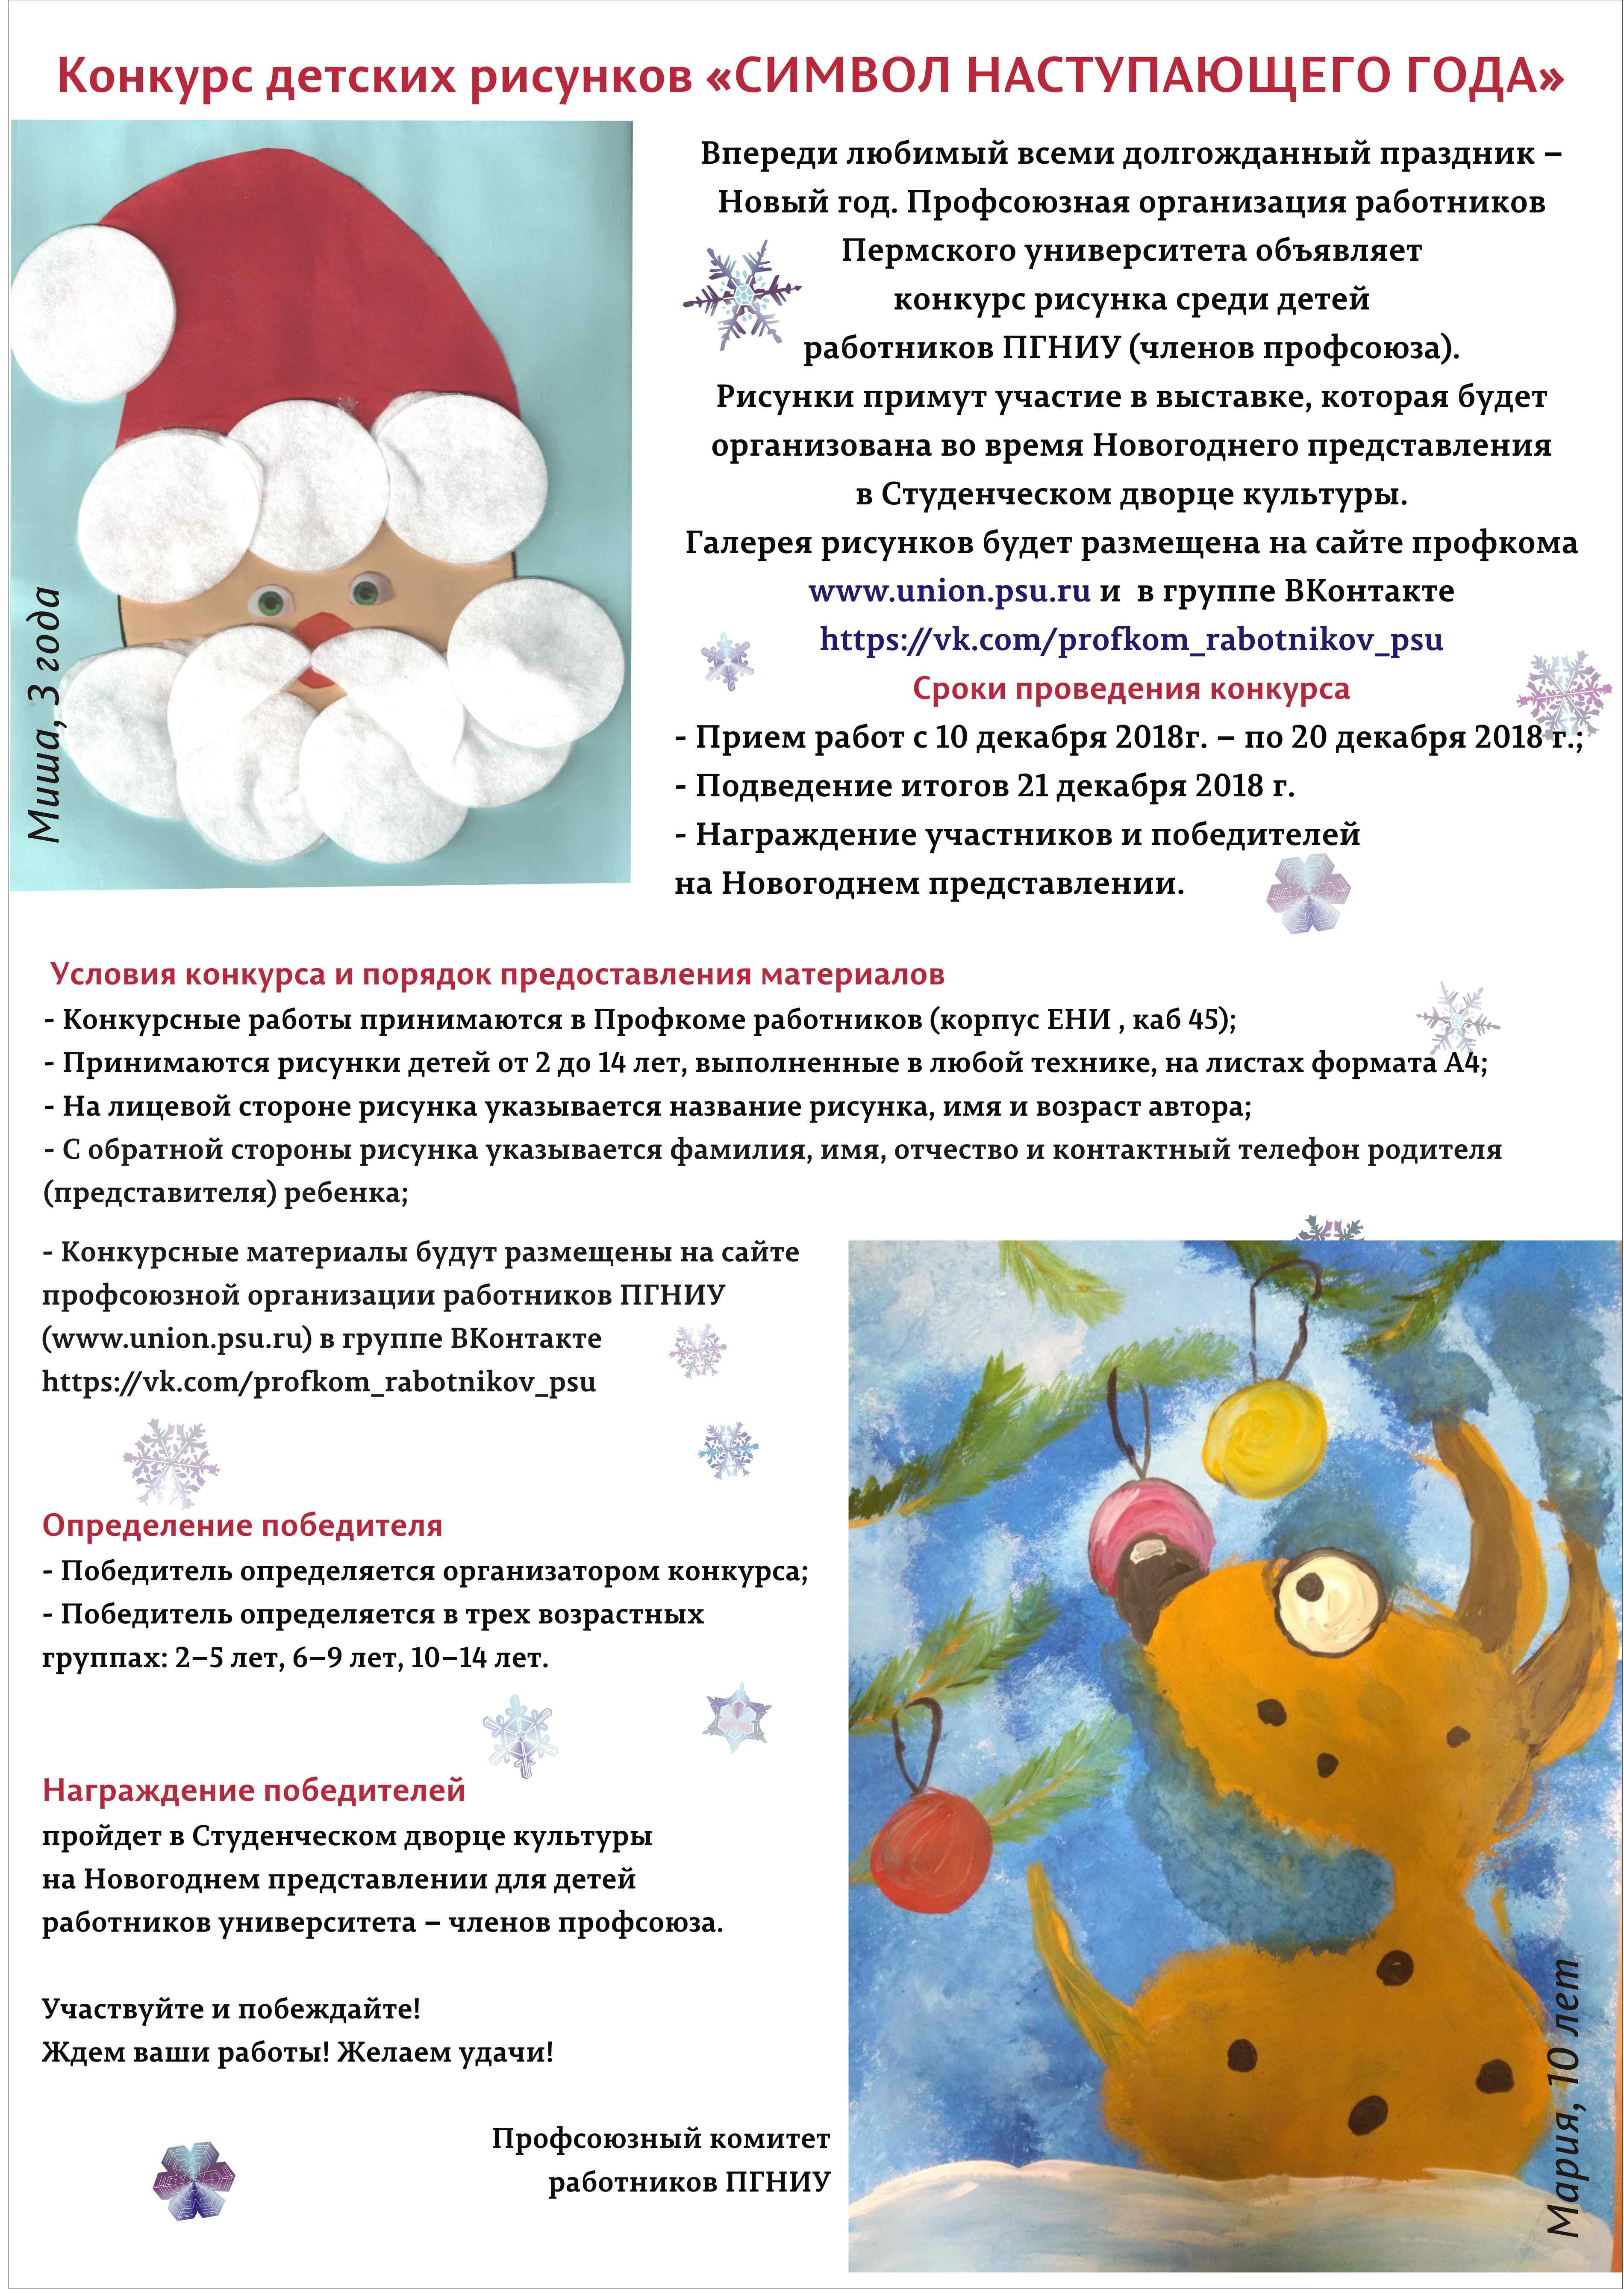 объявление конкурса рисунка 2018